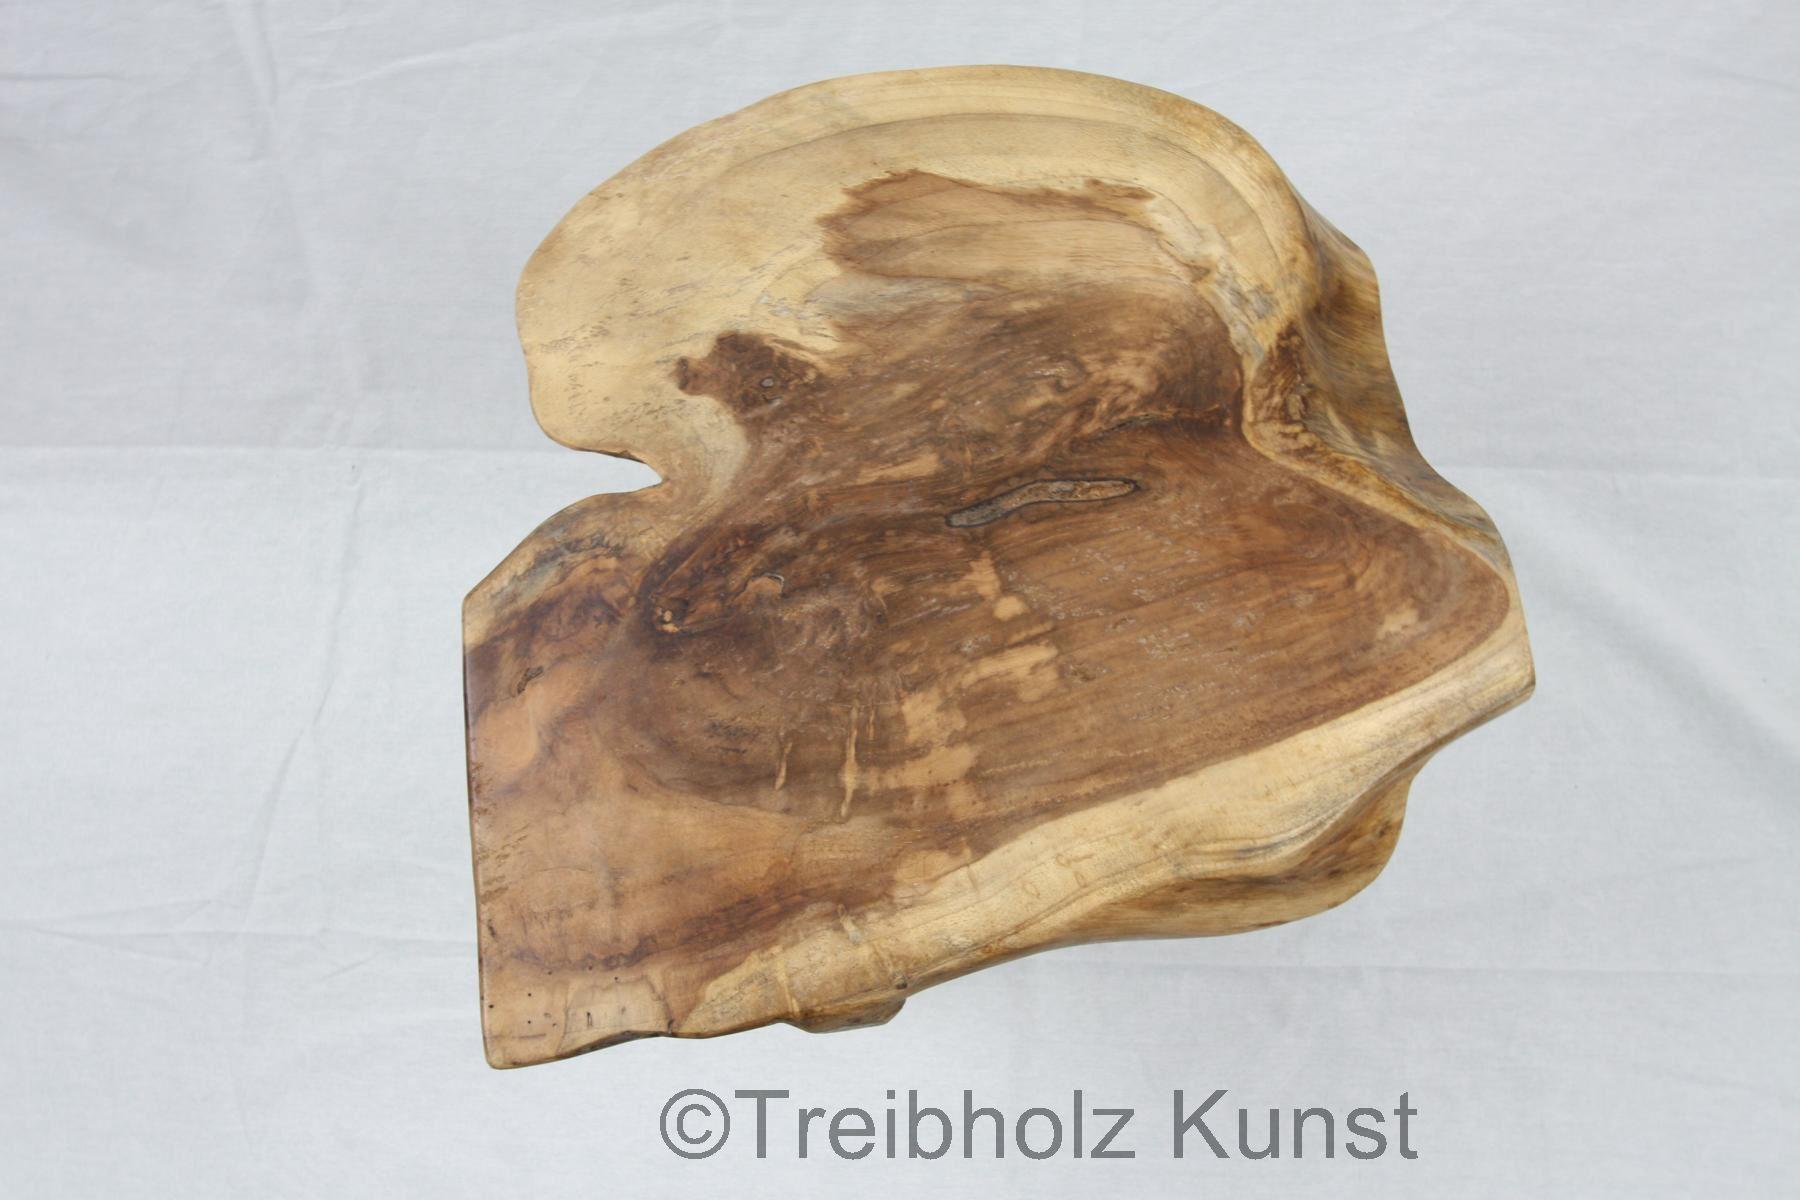 Treibholz Tisch  wwwtreibholzbodenseede  Schwemmholz